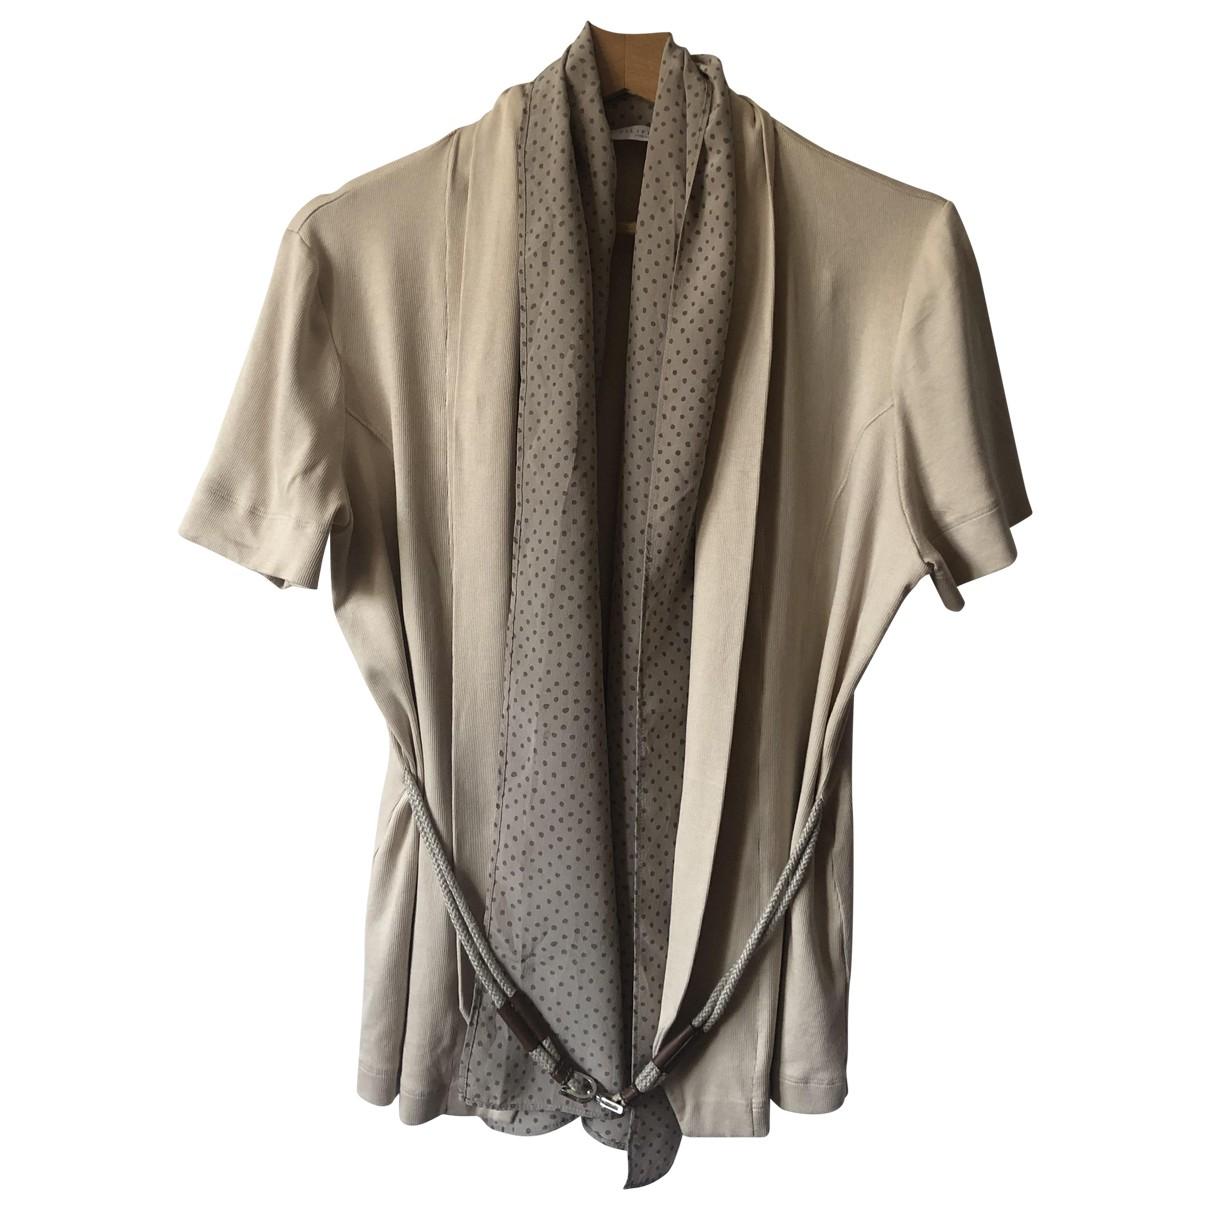 Fabiana Filippi \N Cotton Knitwear for Women 50-52 IT